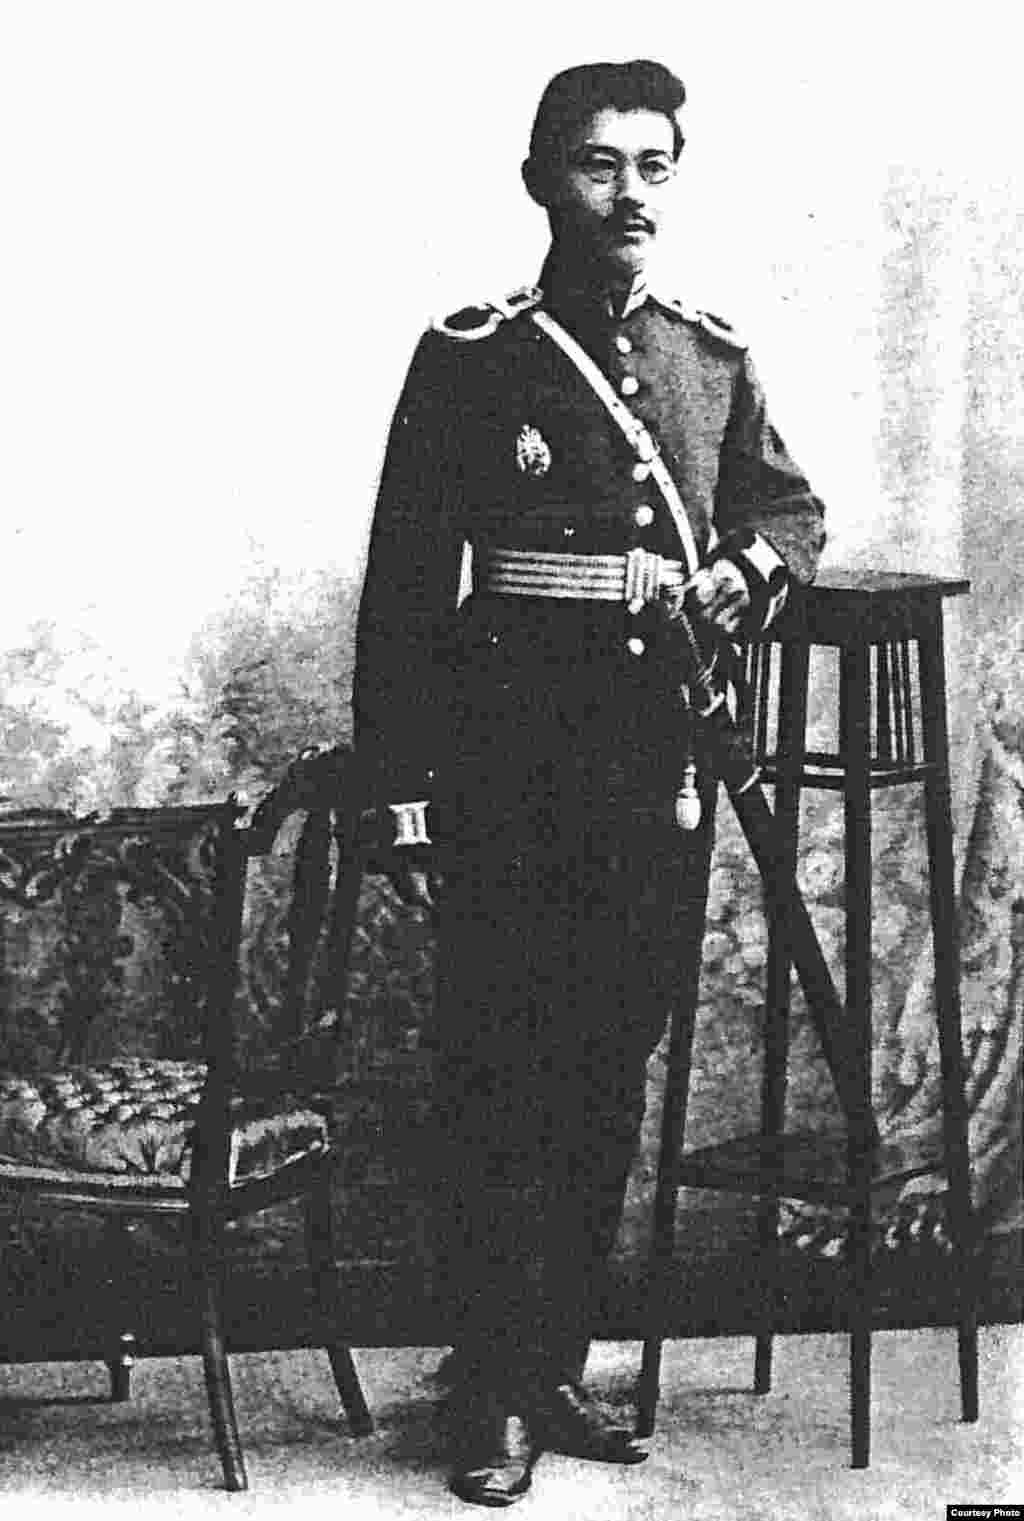 """Халел Досмұхамедұлы (1883-1939), """"Алаш"""" қозғалысының қайраткері, дәрігер, ұстаз, ғалым. «Қазақ» газеті авторларының бірі."""